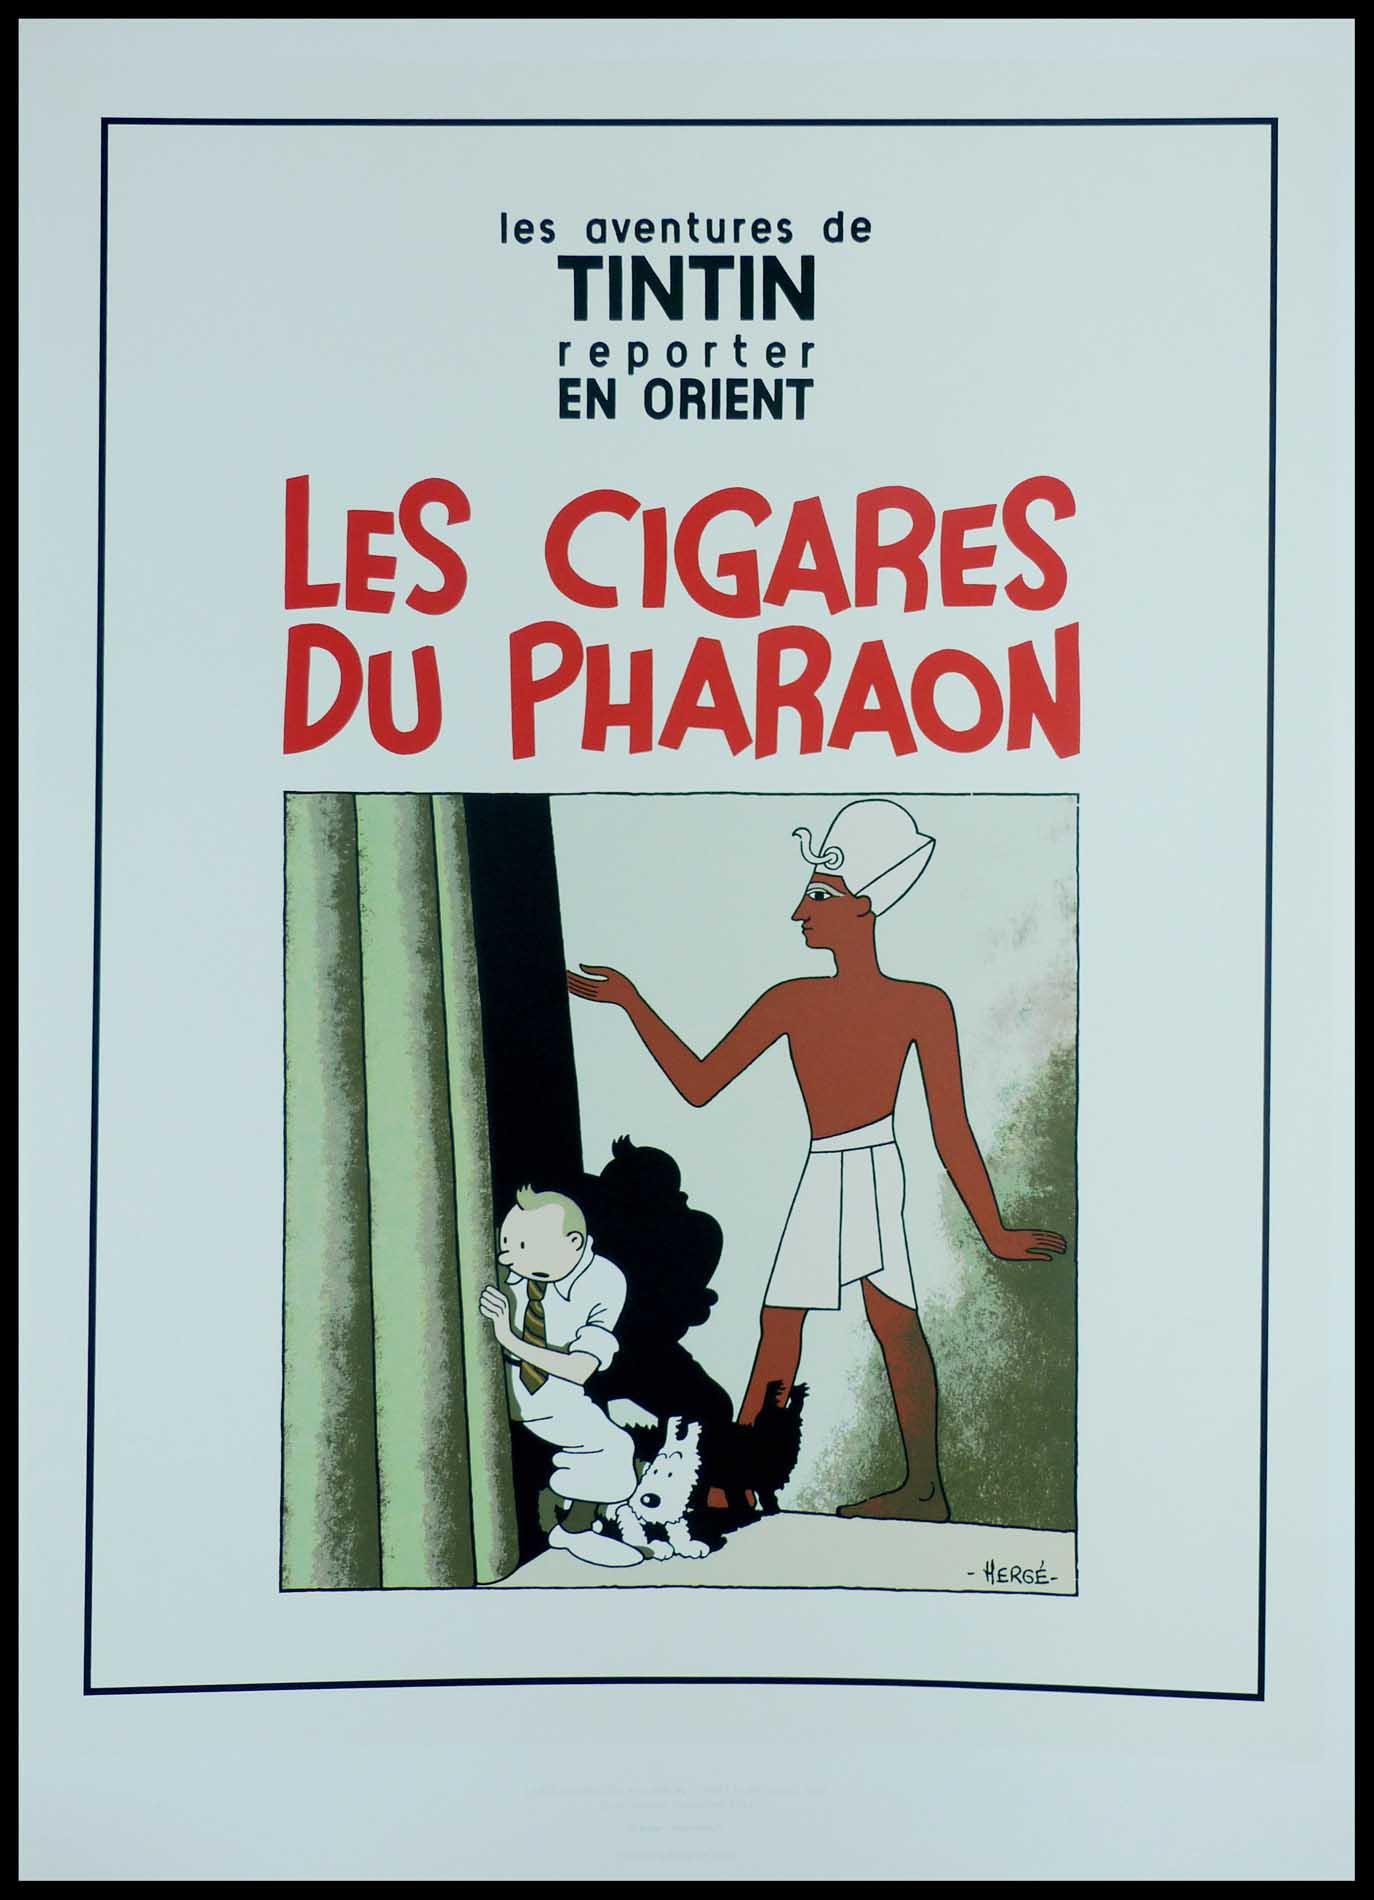 """(alt=""""Sérigraphie originale - Hergé, Les Cigares du Pharaon circa 1990, tirée à 2000 exs, éditées par Christian Debois edt pour Moulinsart"""")"""